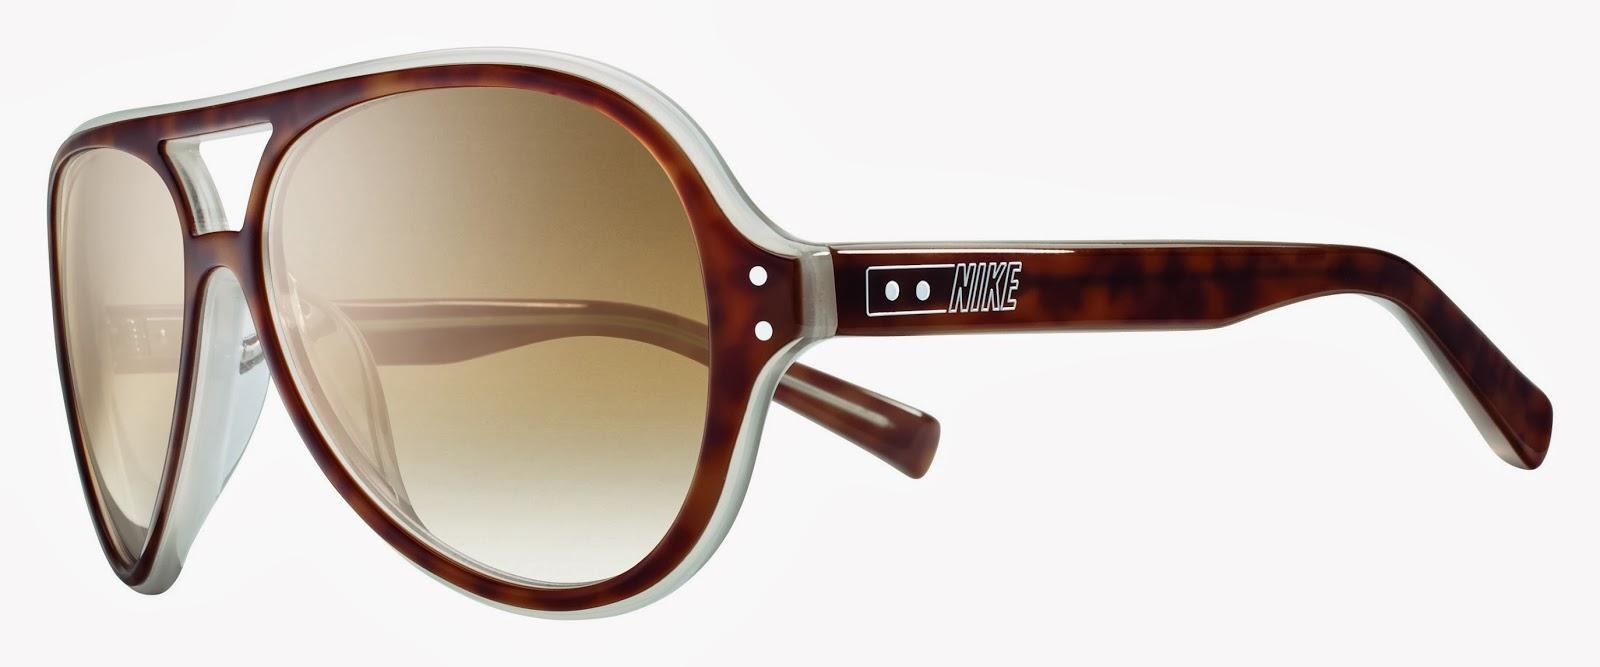 Uma surpresa pra quem estava acostumado somente com o design esportivo da  marca! Seguindo a tendência retrô, este óculos possui as lentes em ... 3fa596d37d